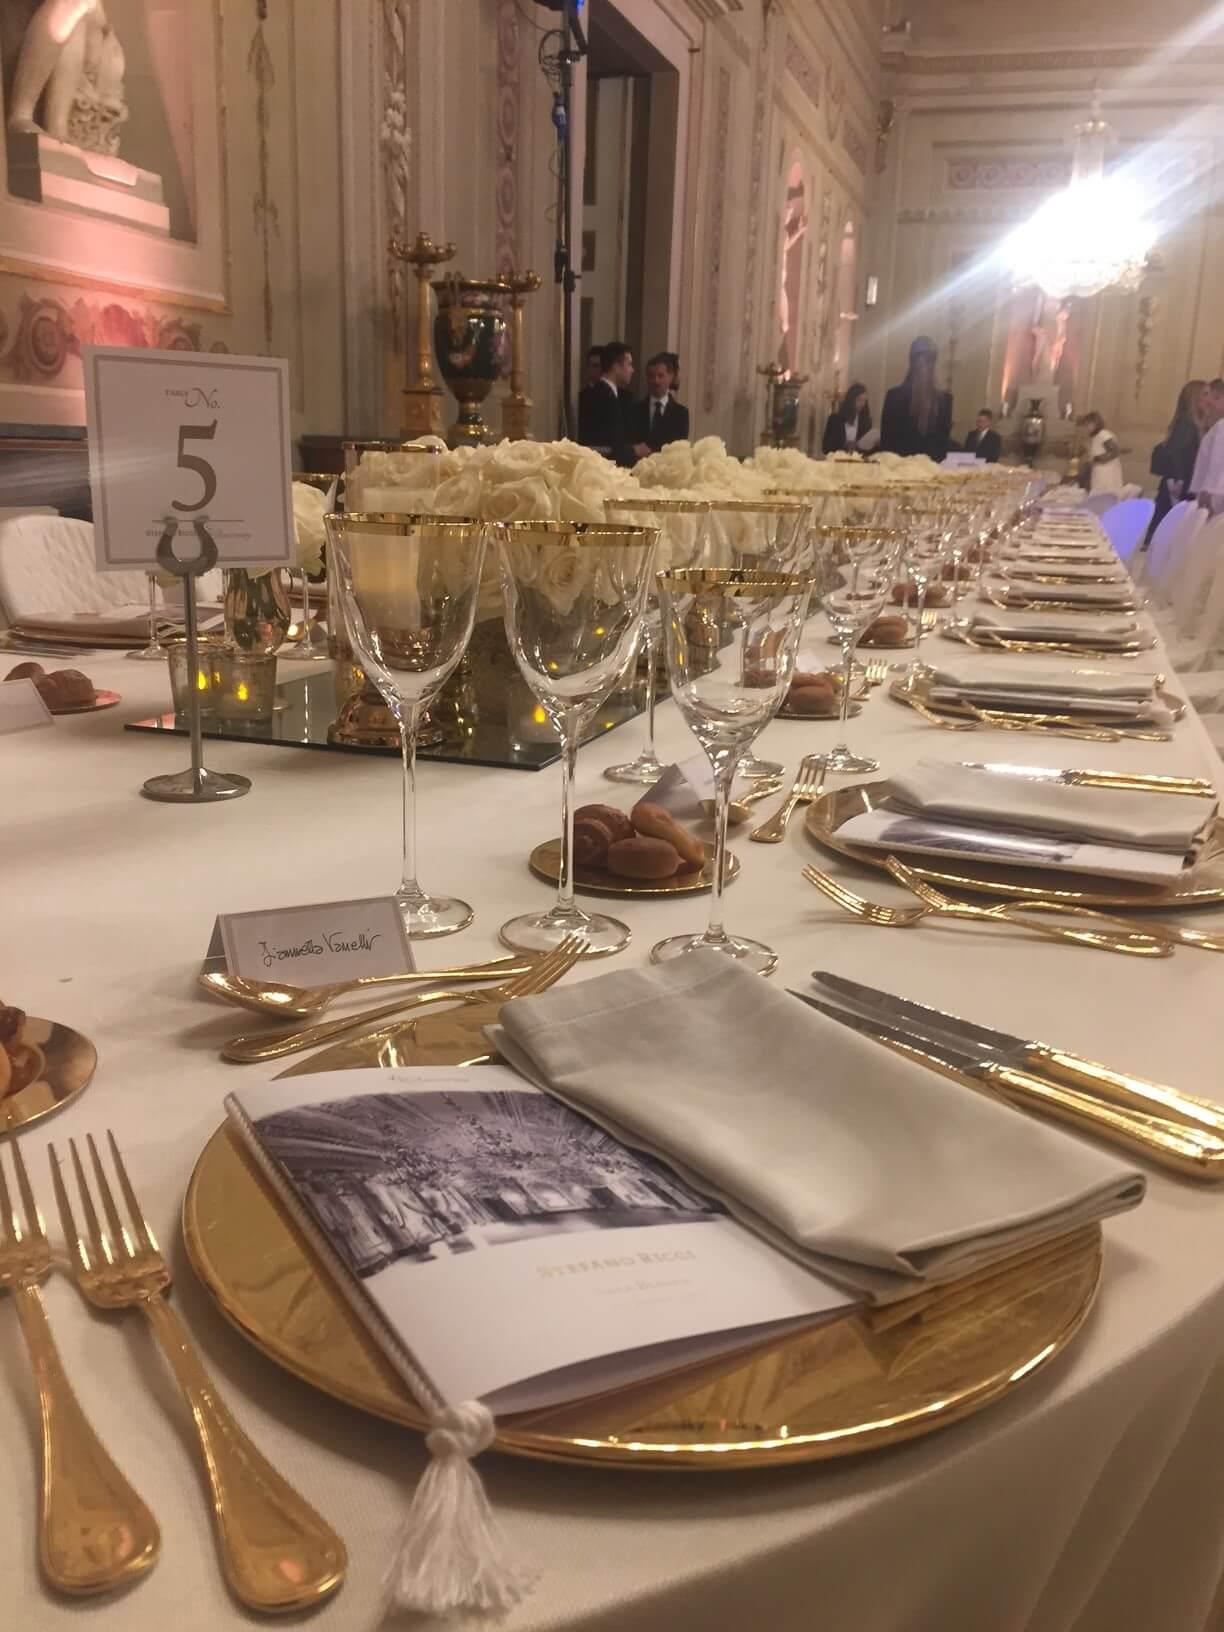 cena-stefano-ricci-pitti-uomo-45-anni-guido-guidi-enoteca-pinchiorri-5